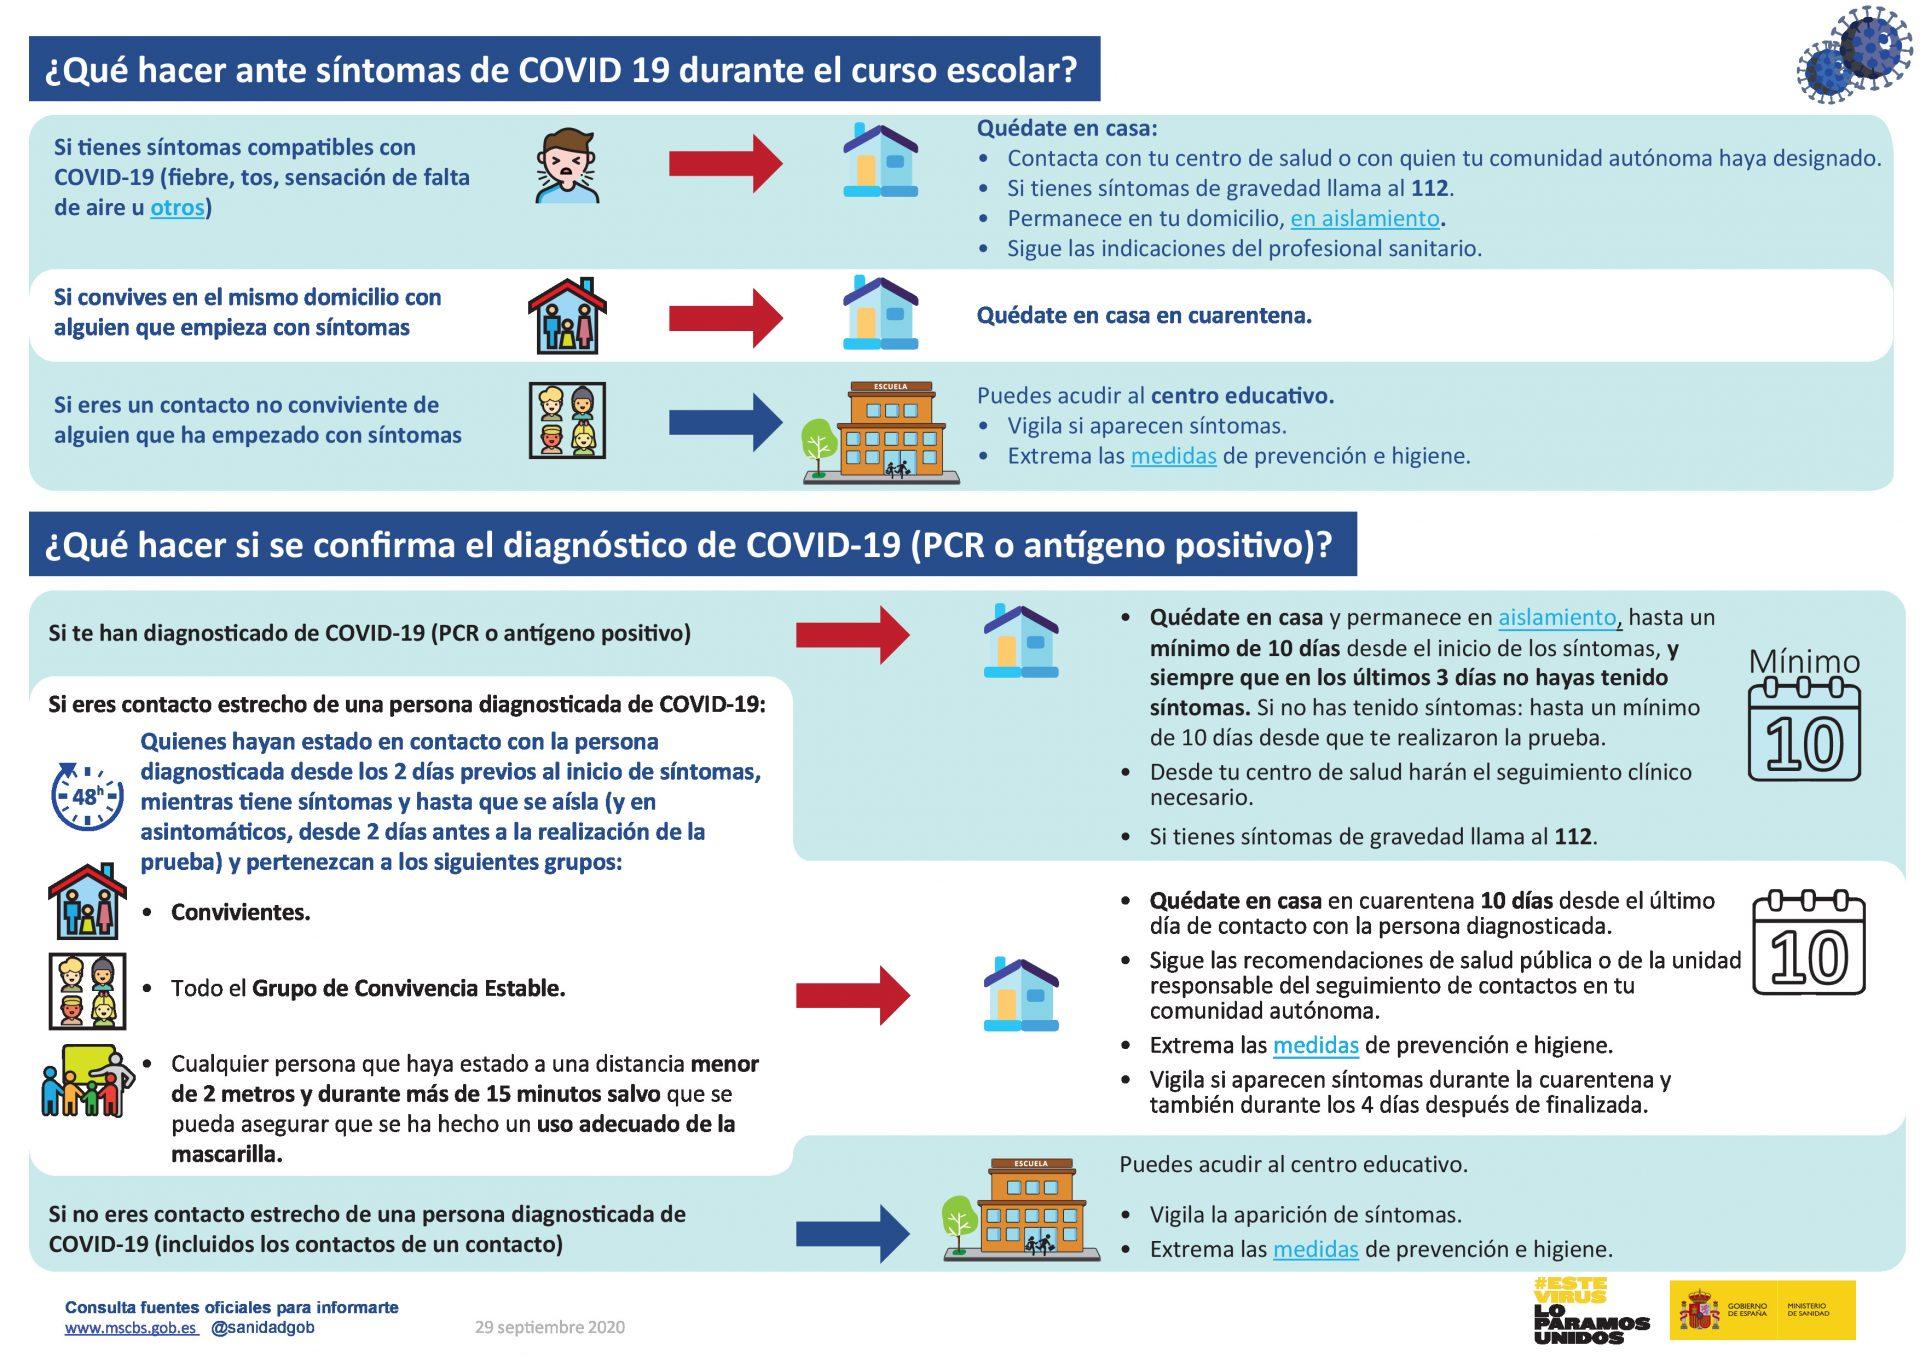 ¿Qué hacer ante síntomas de COVID19 durante el curso escolar?